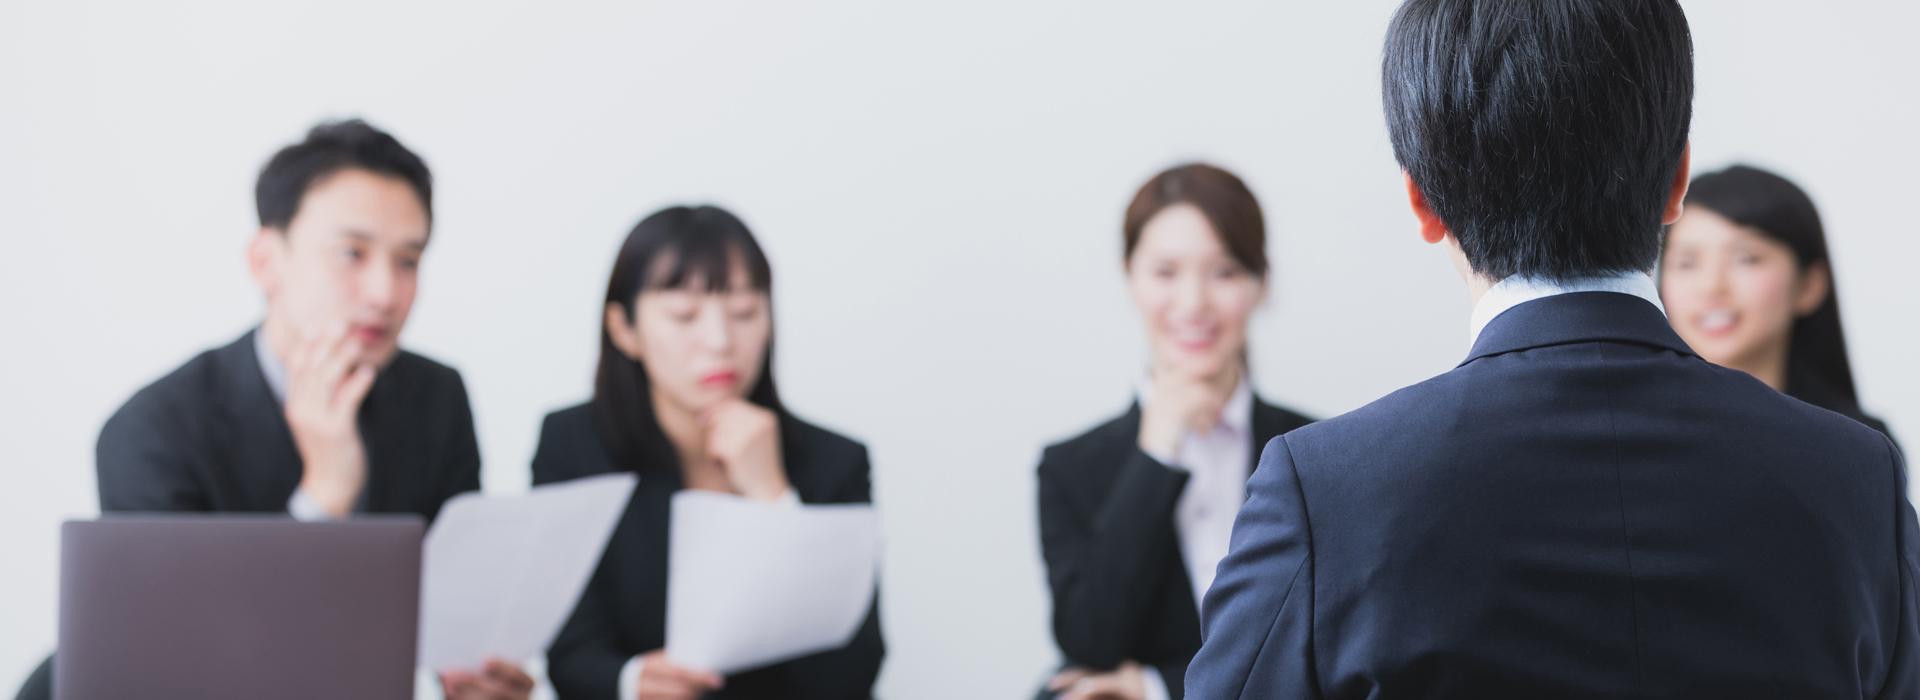 如何選擇正確的轉職時機